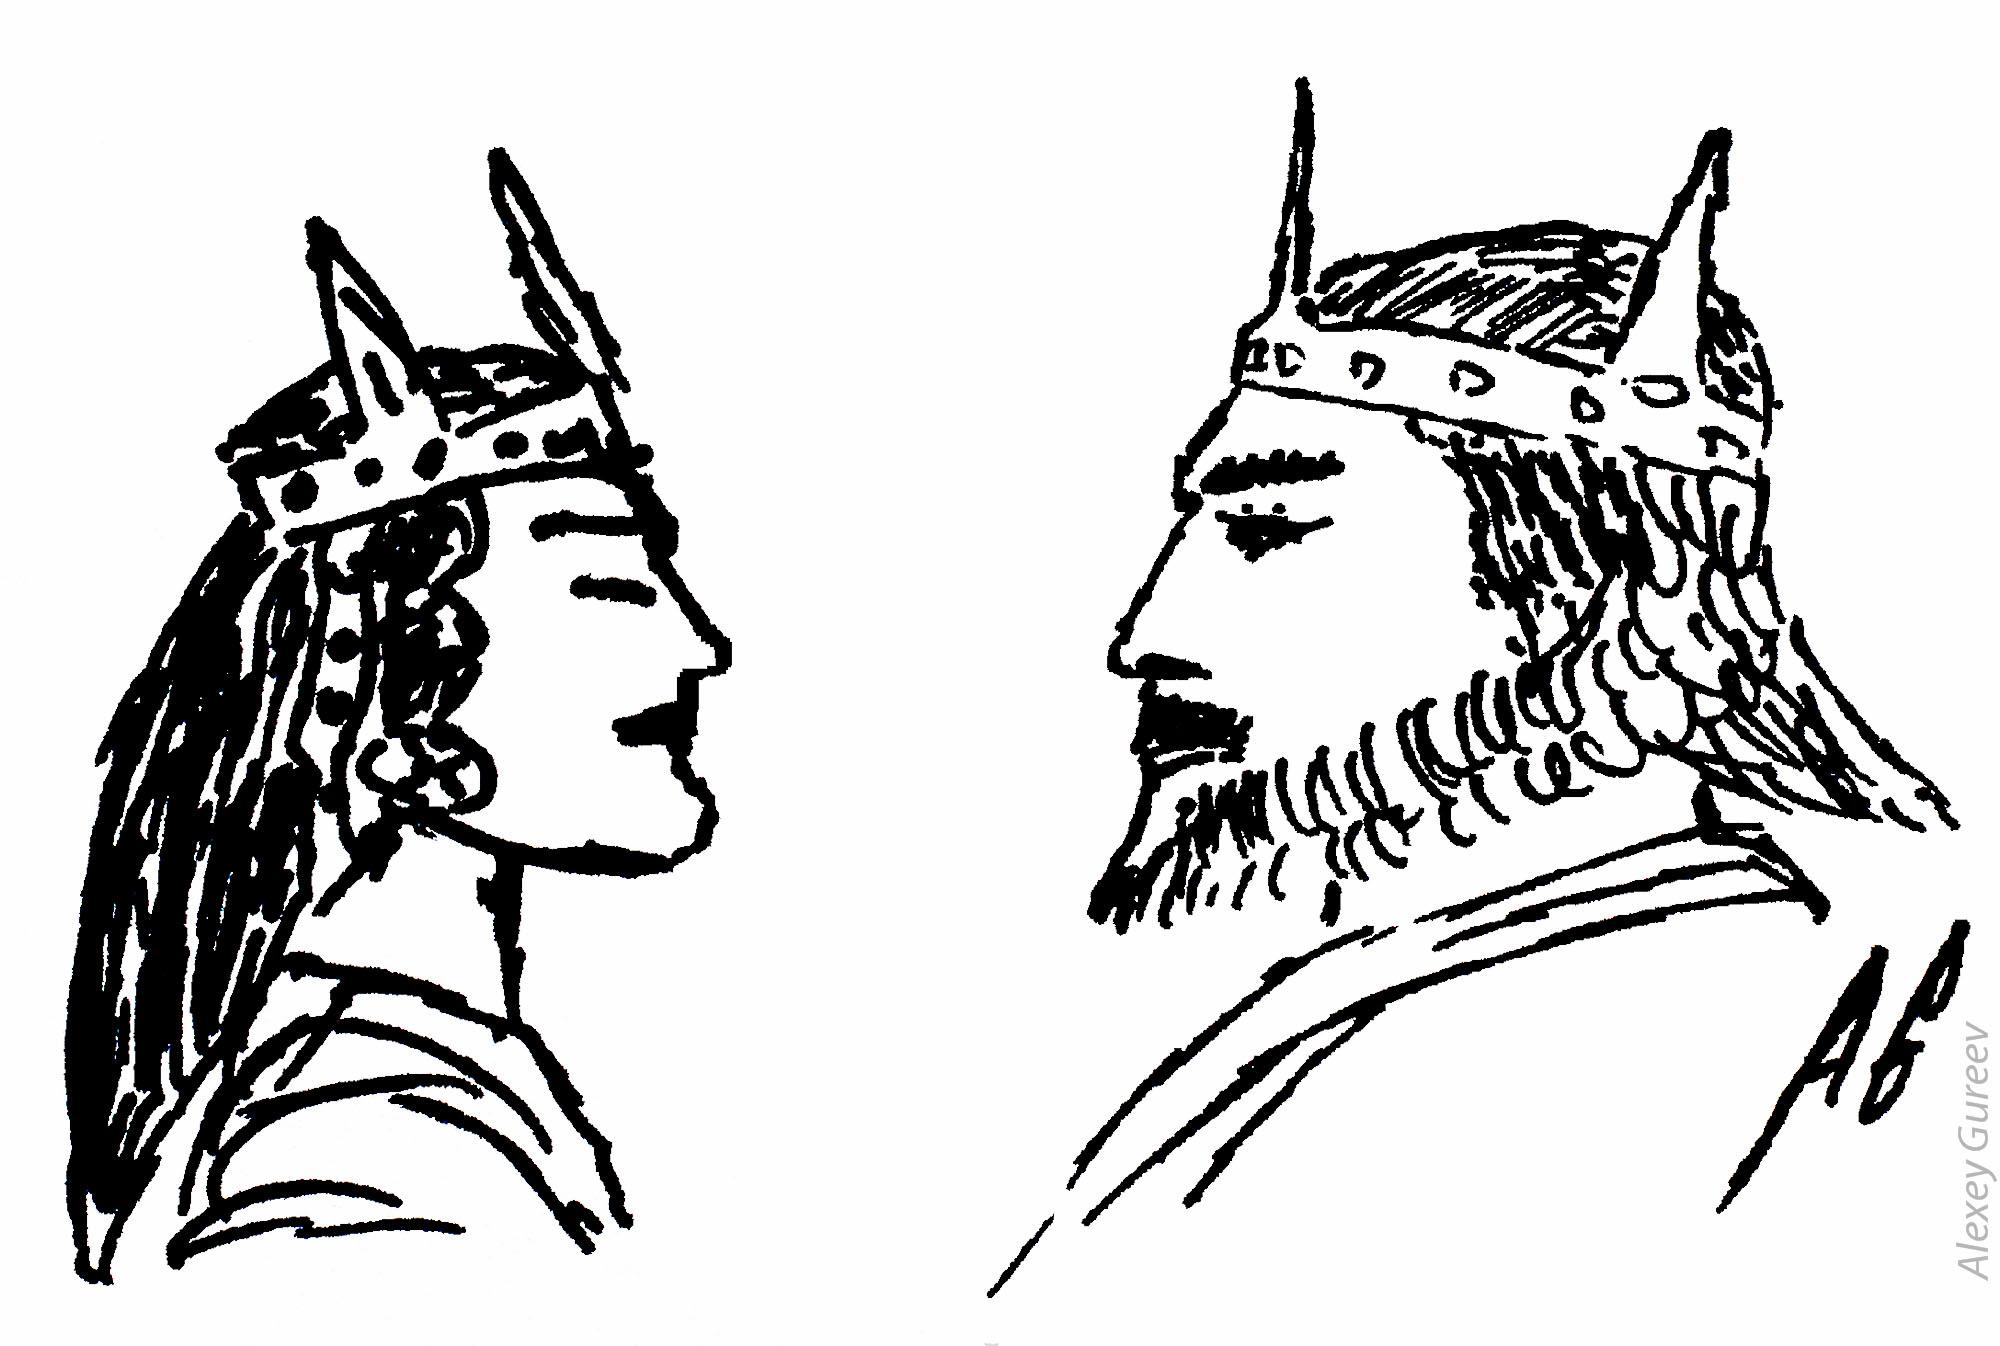 2000x1346 The Opera Macbeth Of The Mtsensk By Dmitri